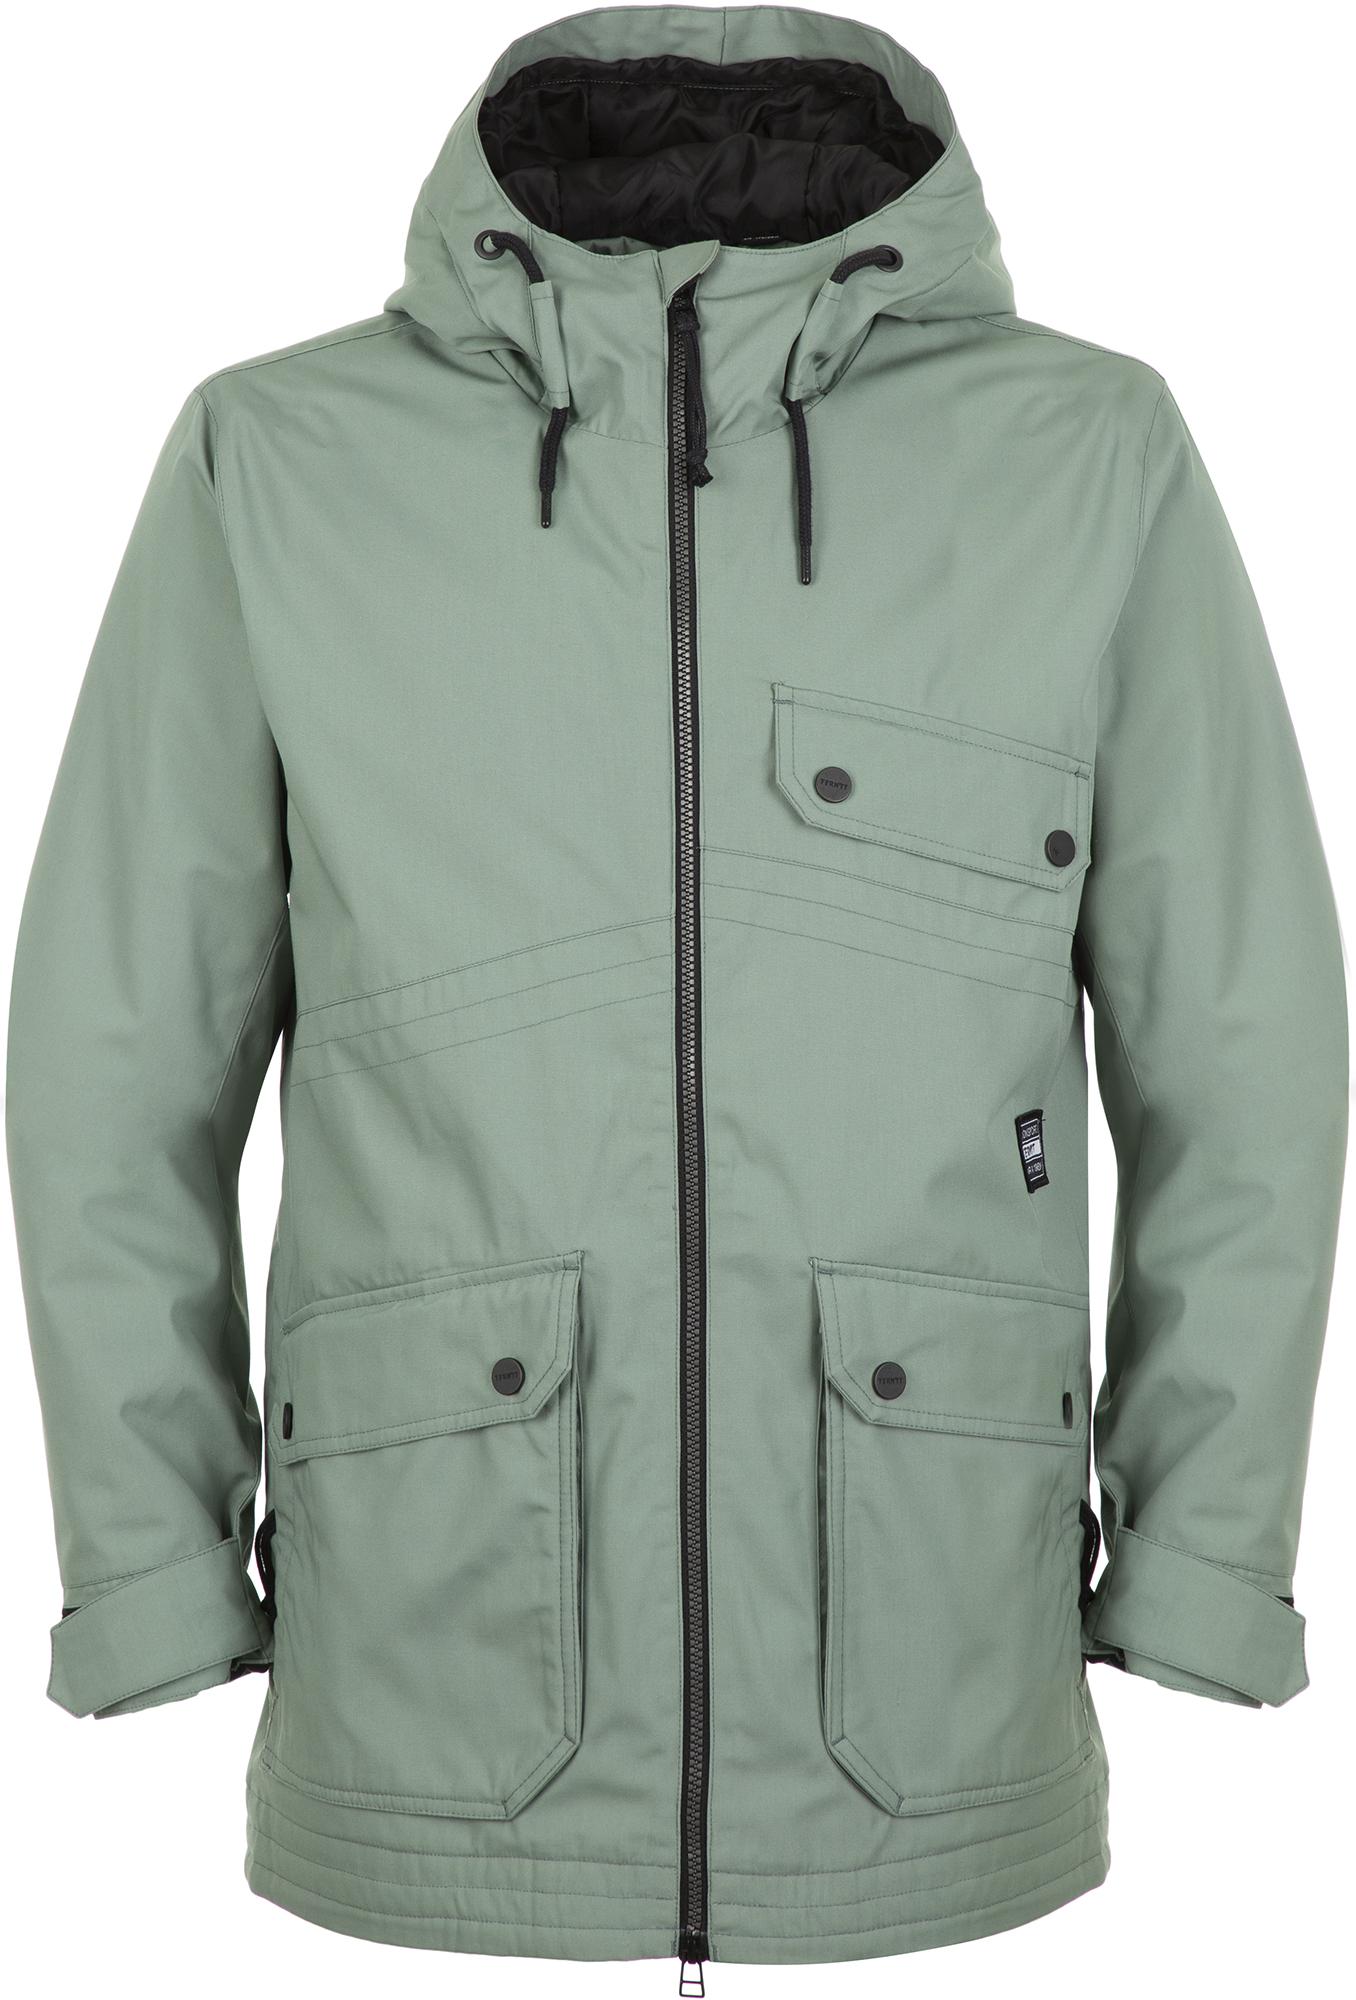 Termit Куртка утепленная мужская Termit, размер 46